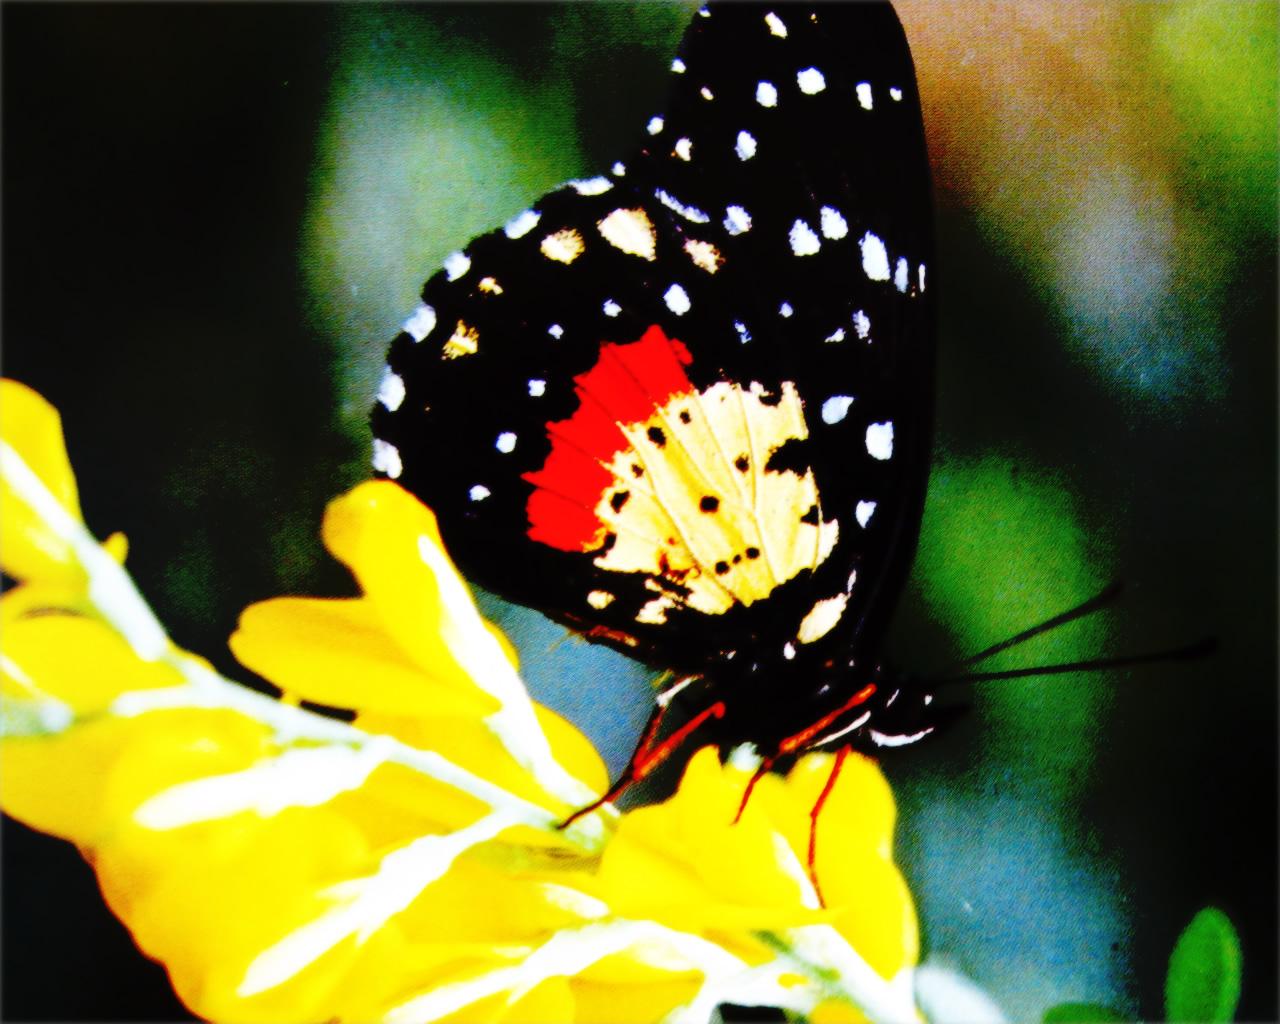 download wallpaper: een vlinder zit op een bloem wallpaper